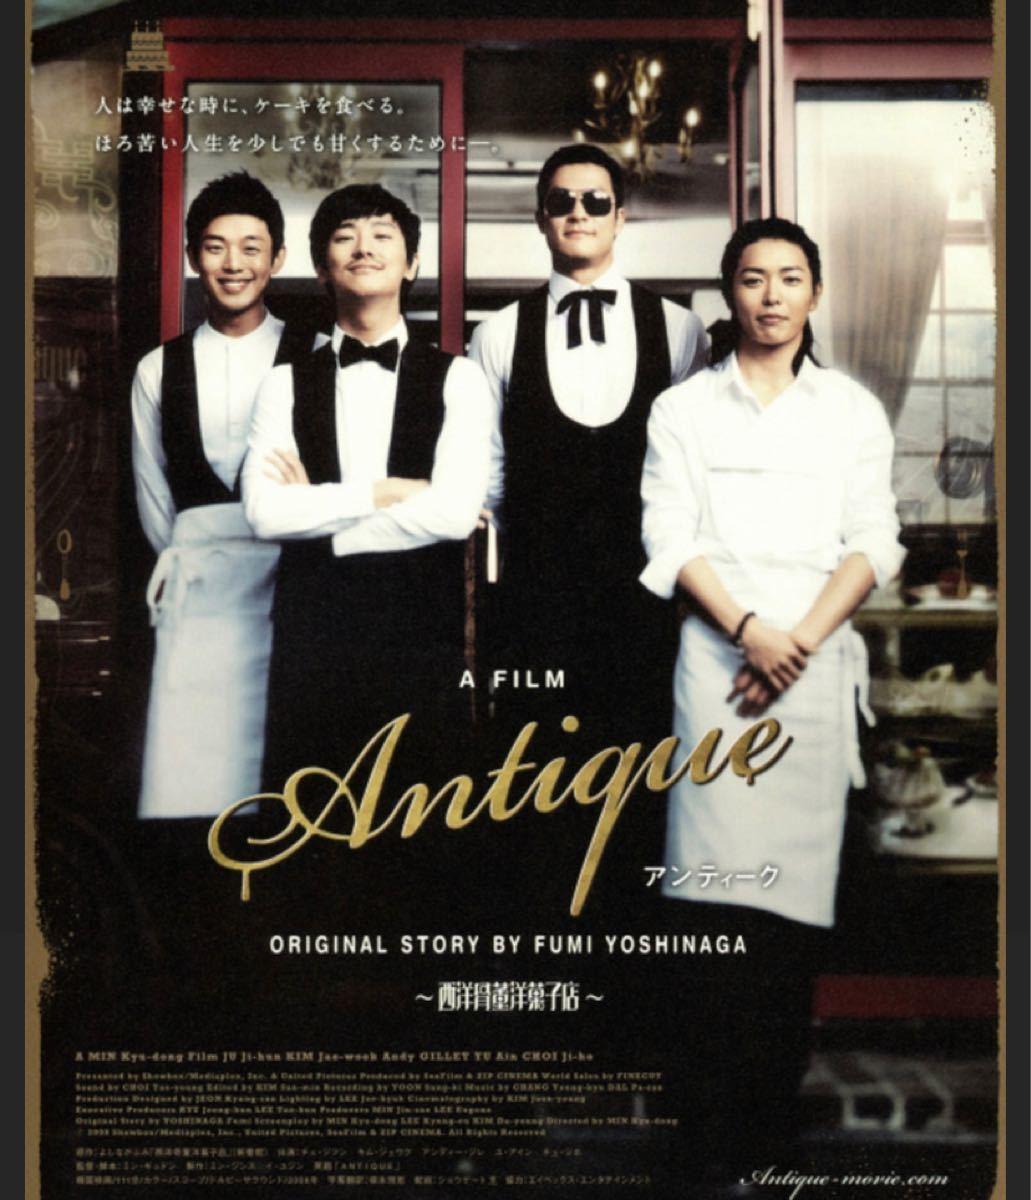 韓国映画 DVD アンティーク 西洋骨董洋菓子店 チュジフン ユアイン 価格交渉不可